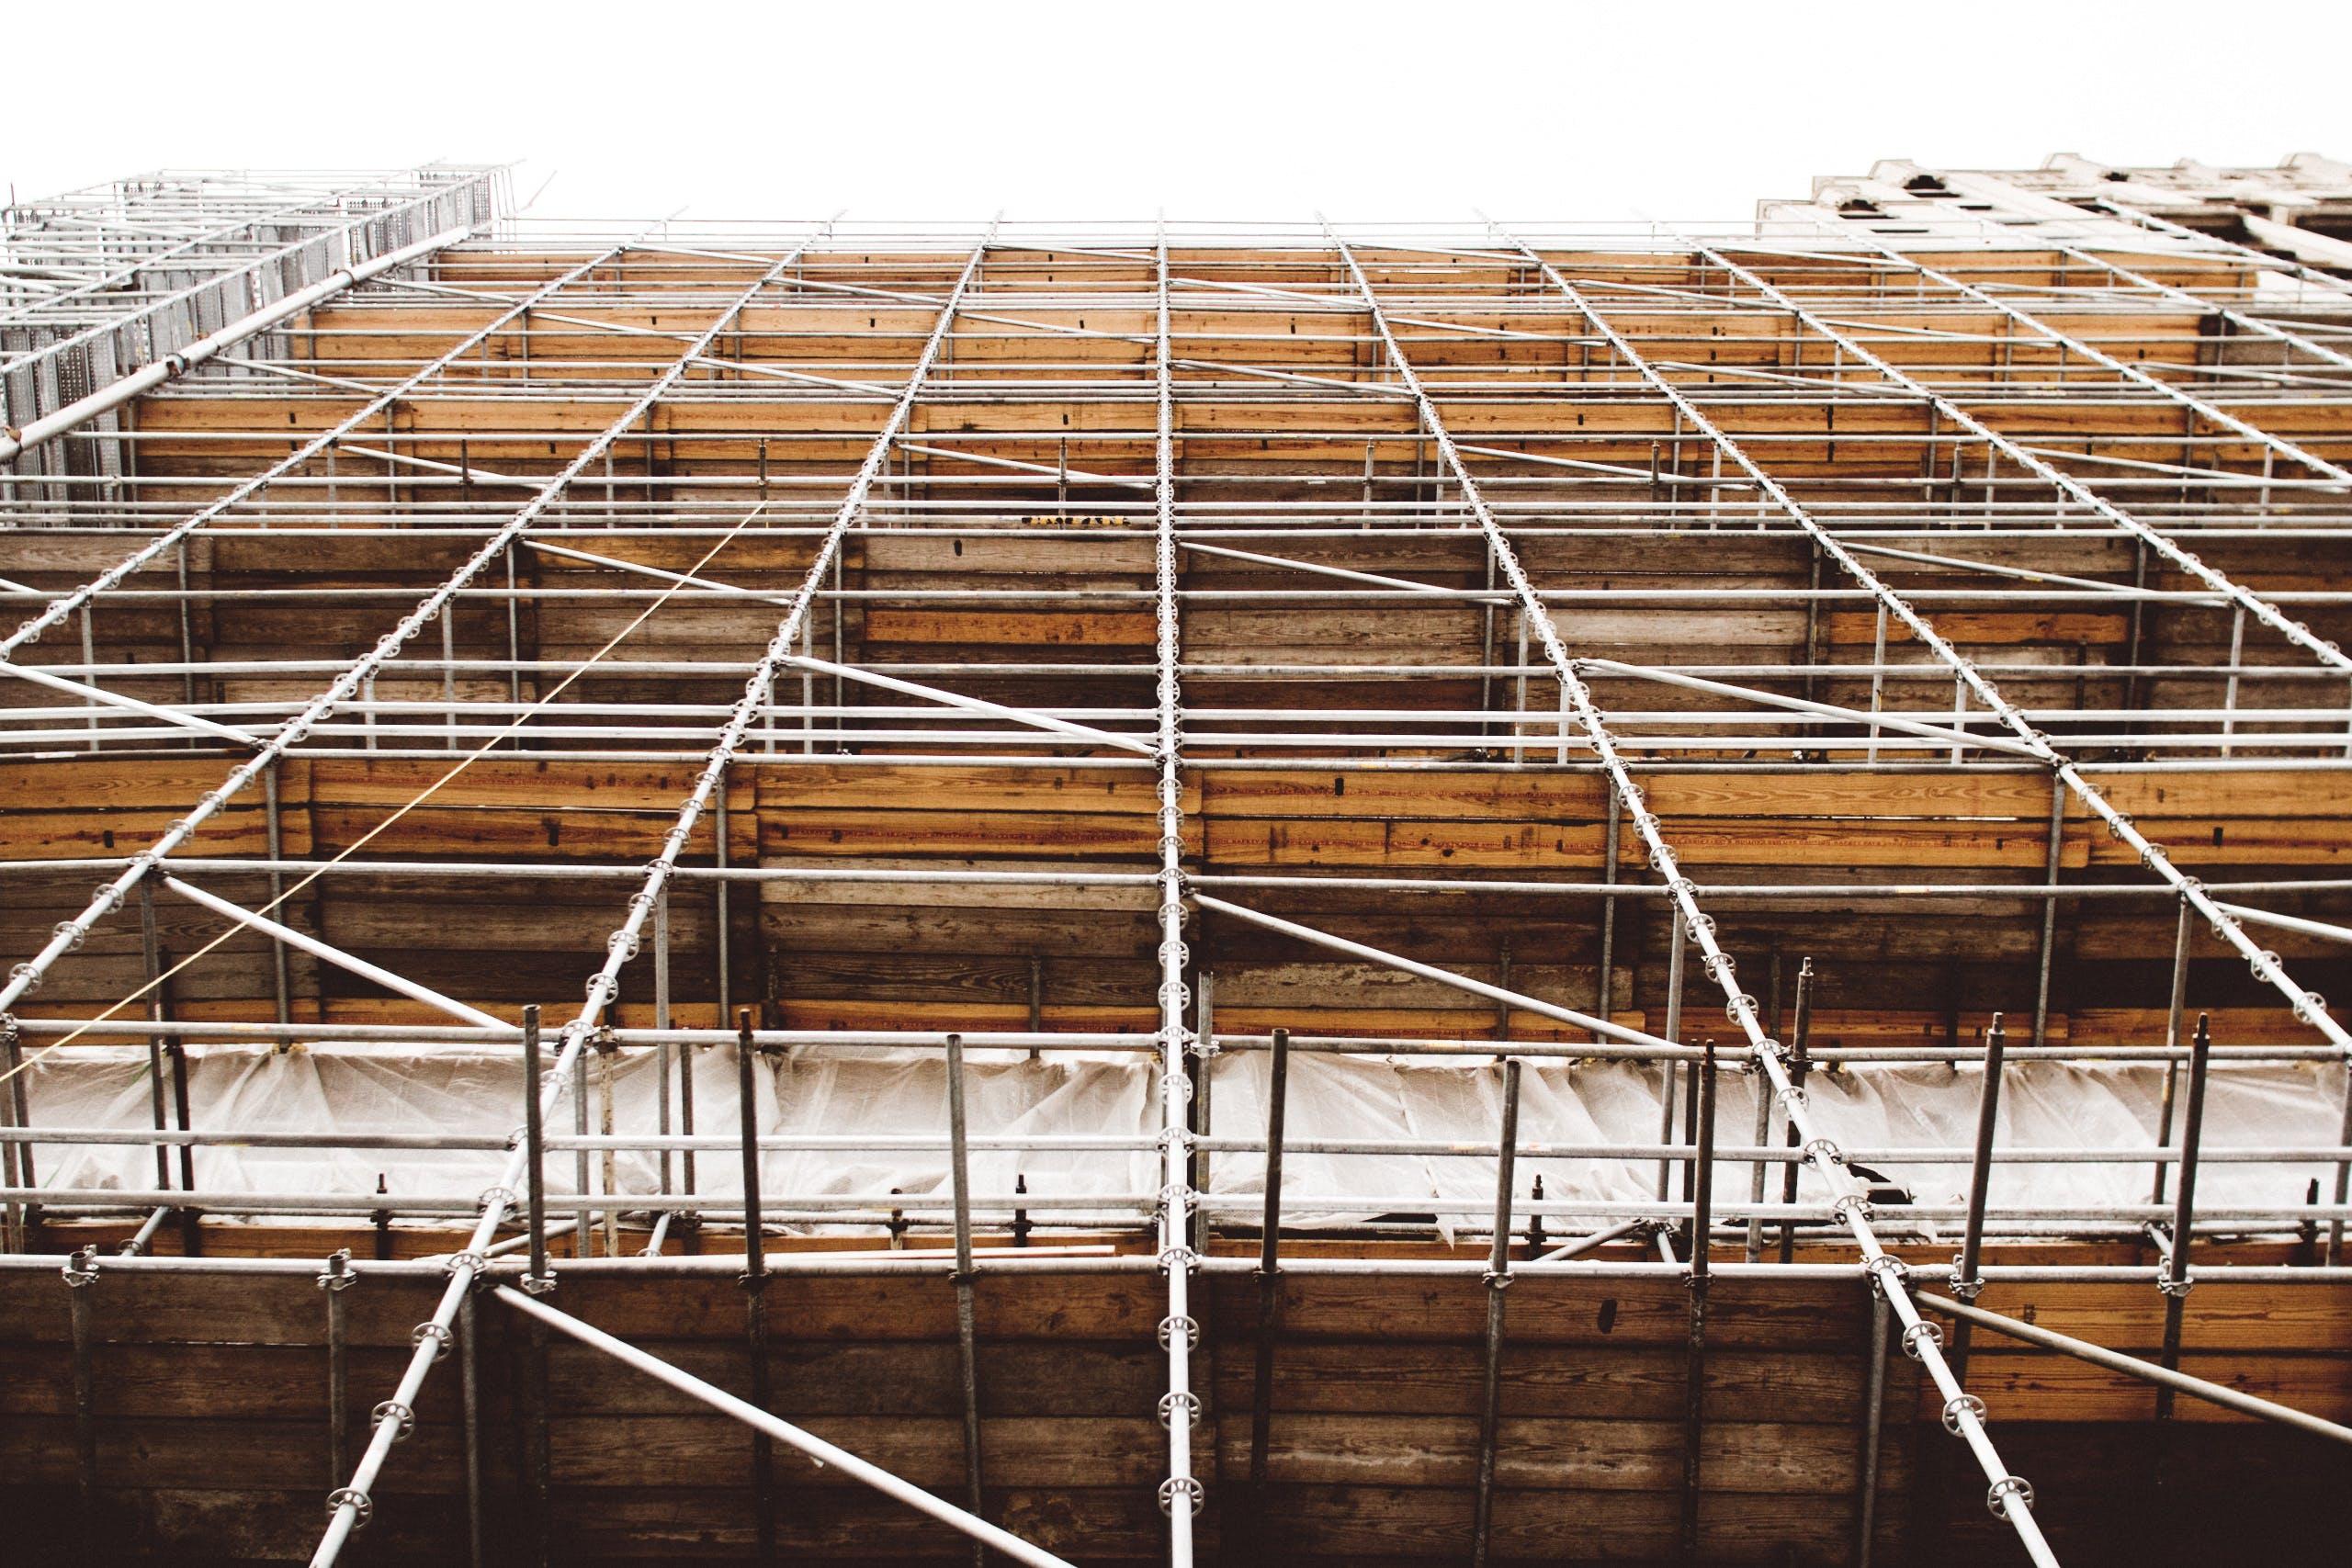 architektur, bau, beton